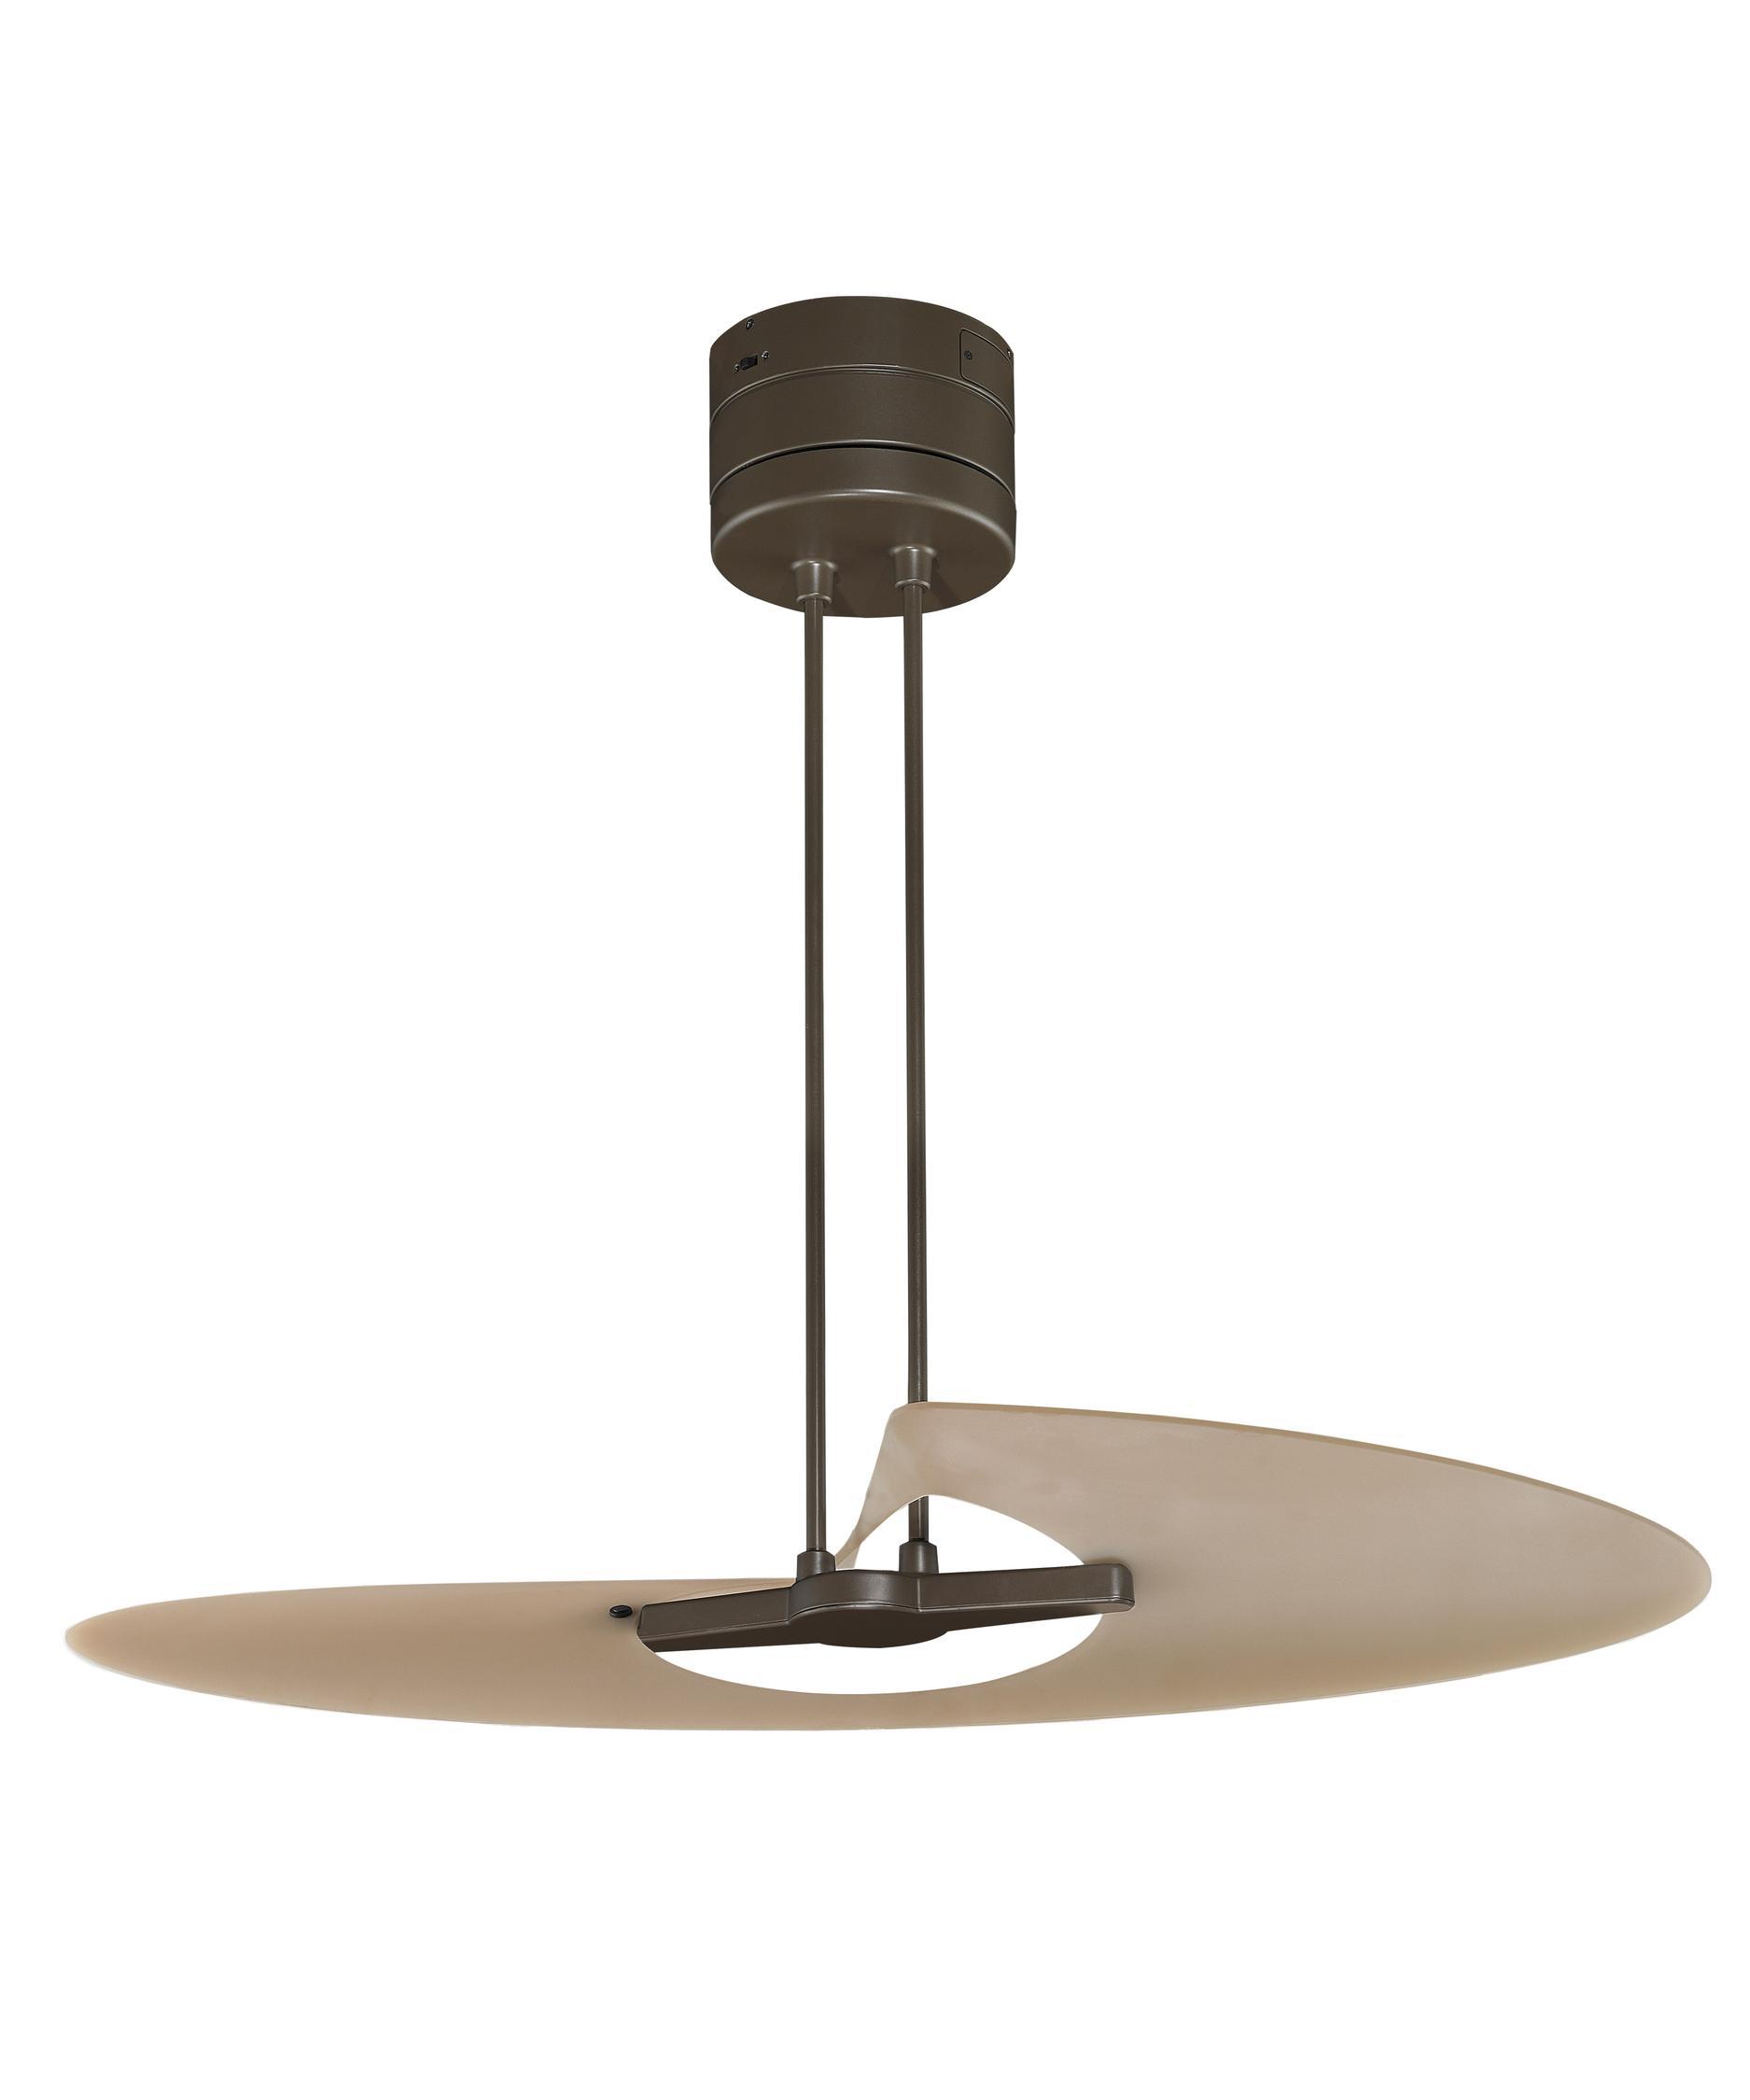 Marea Fanimation Ventilador de techo y ventilador de techo ()